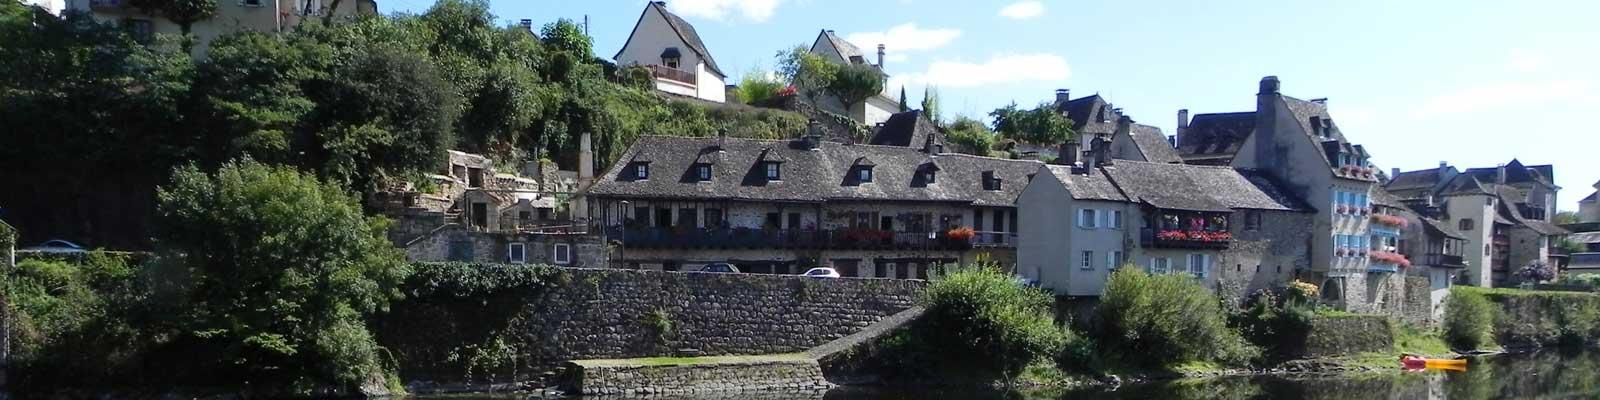 Camping à Dordogne